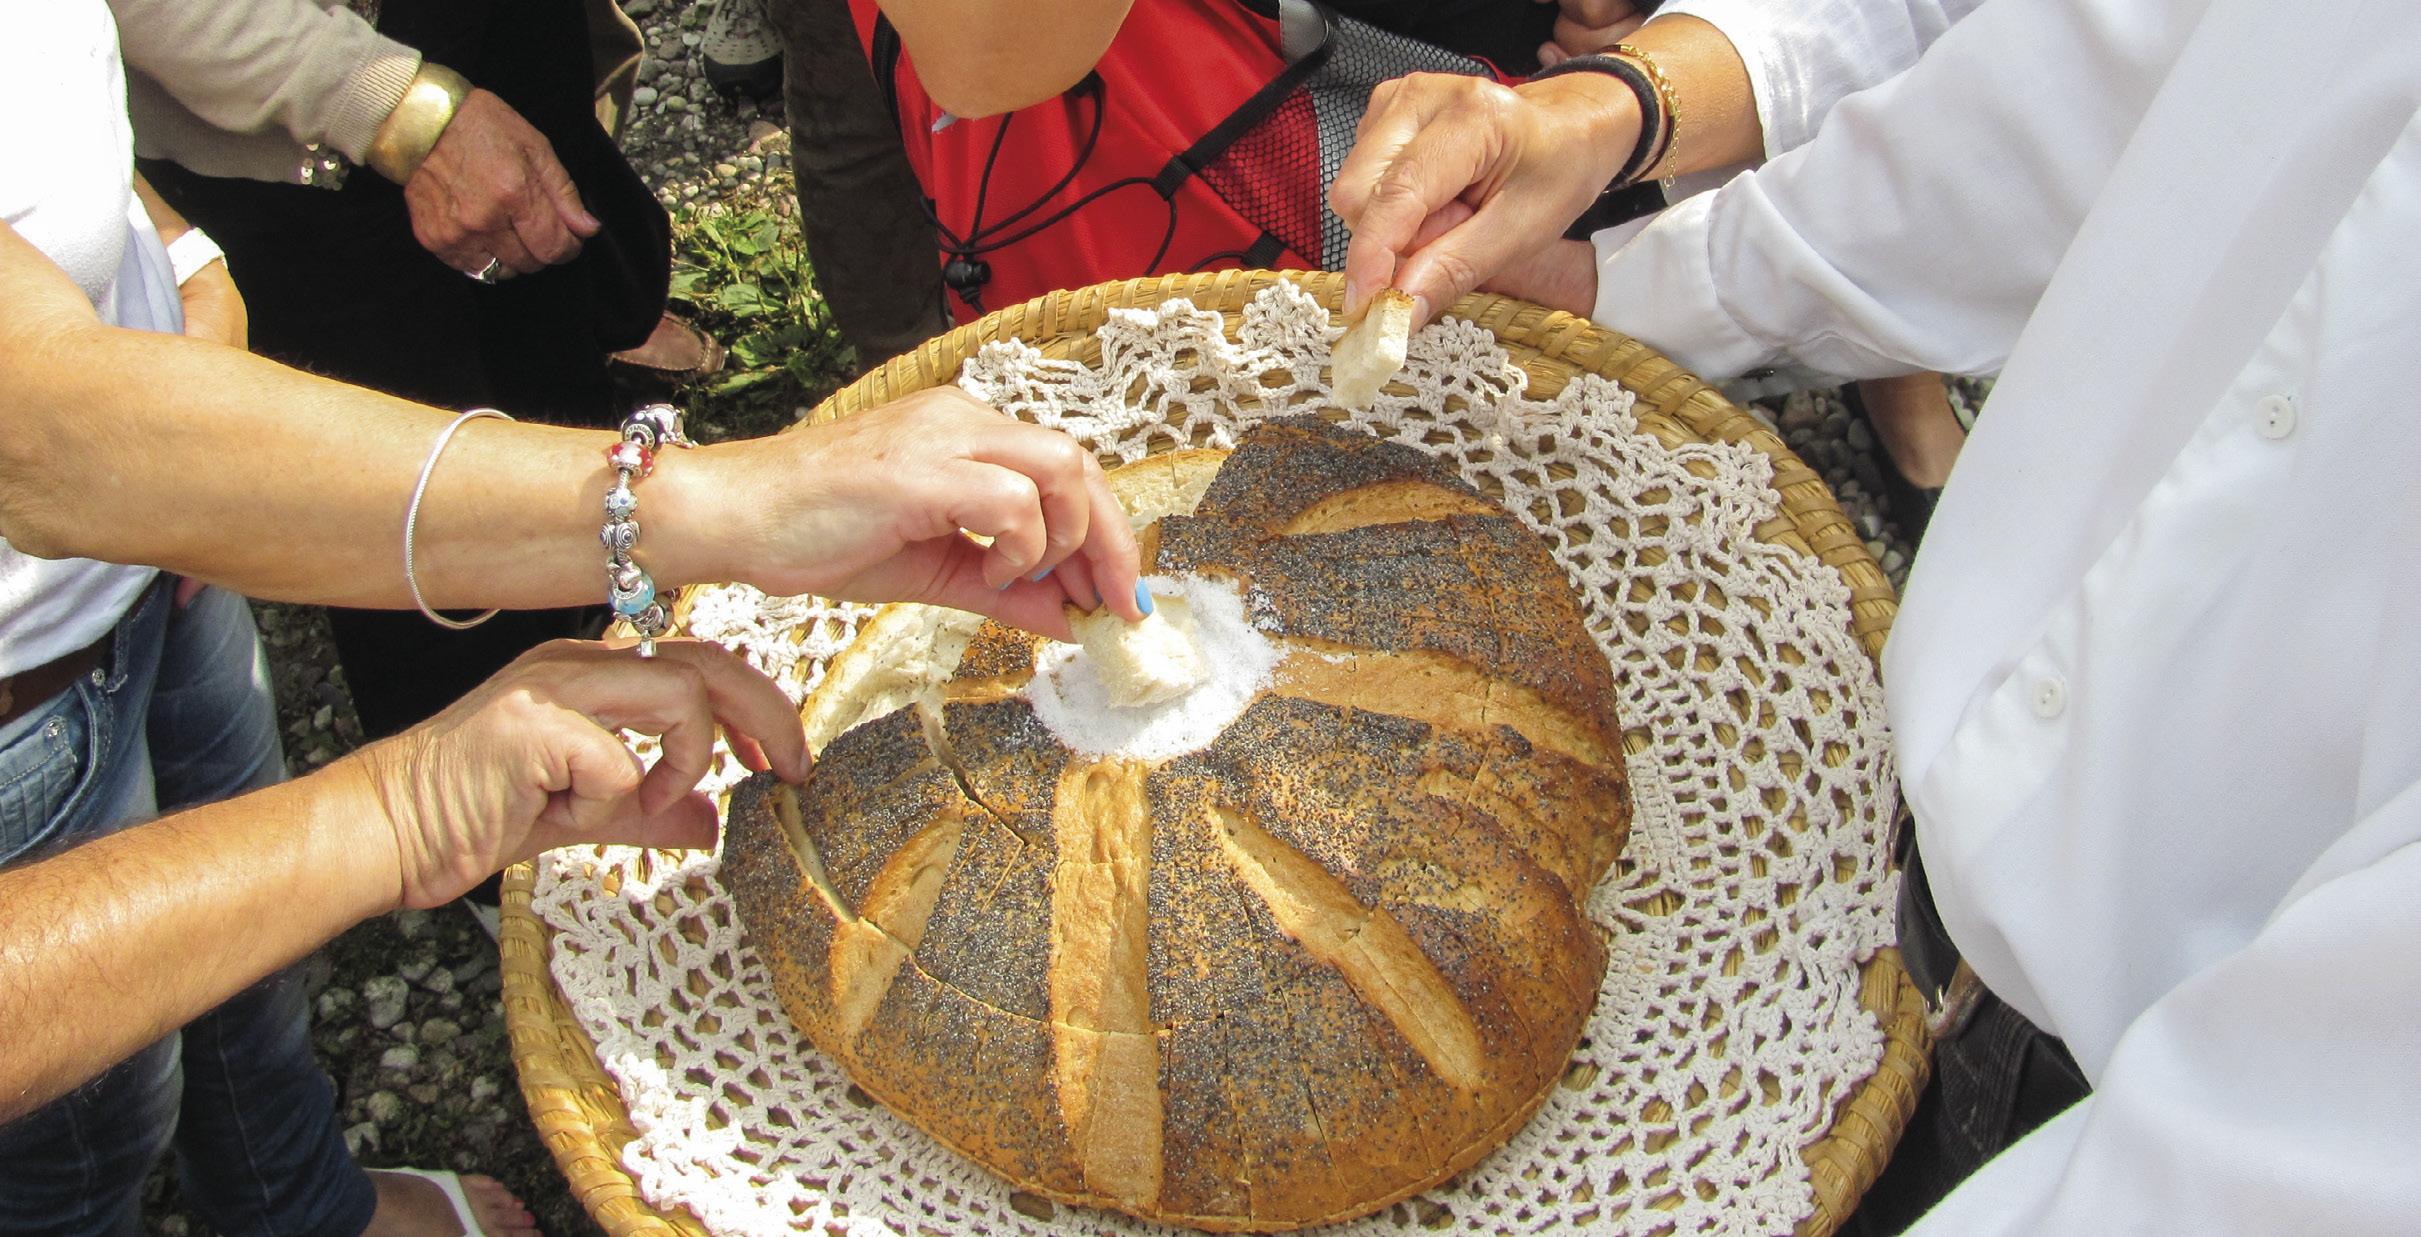 Hospitalidade polaca traduzida no rito de receber os convidados oferecendo pão e sal. Foto MSA.